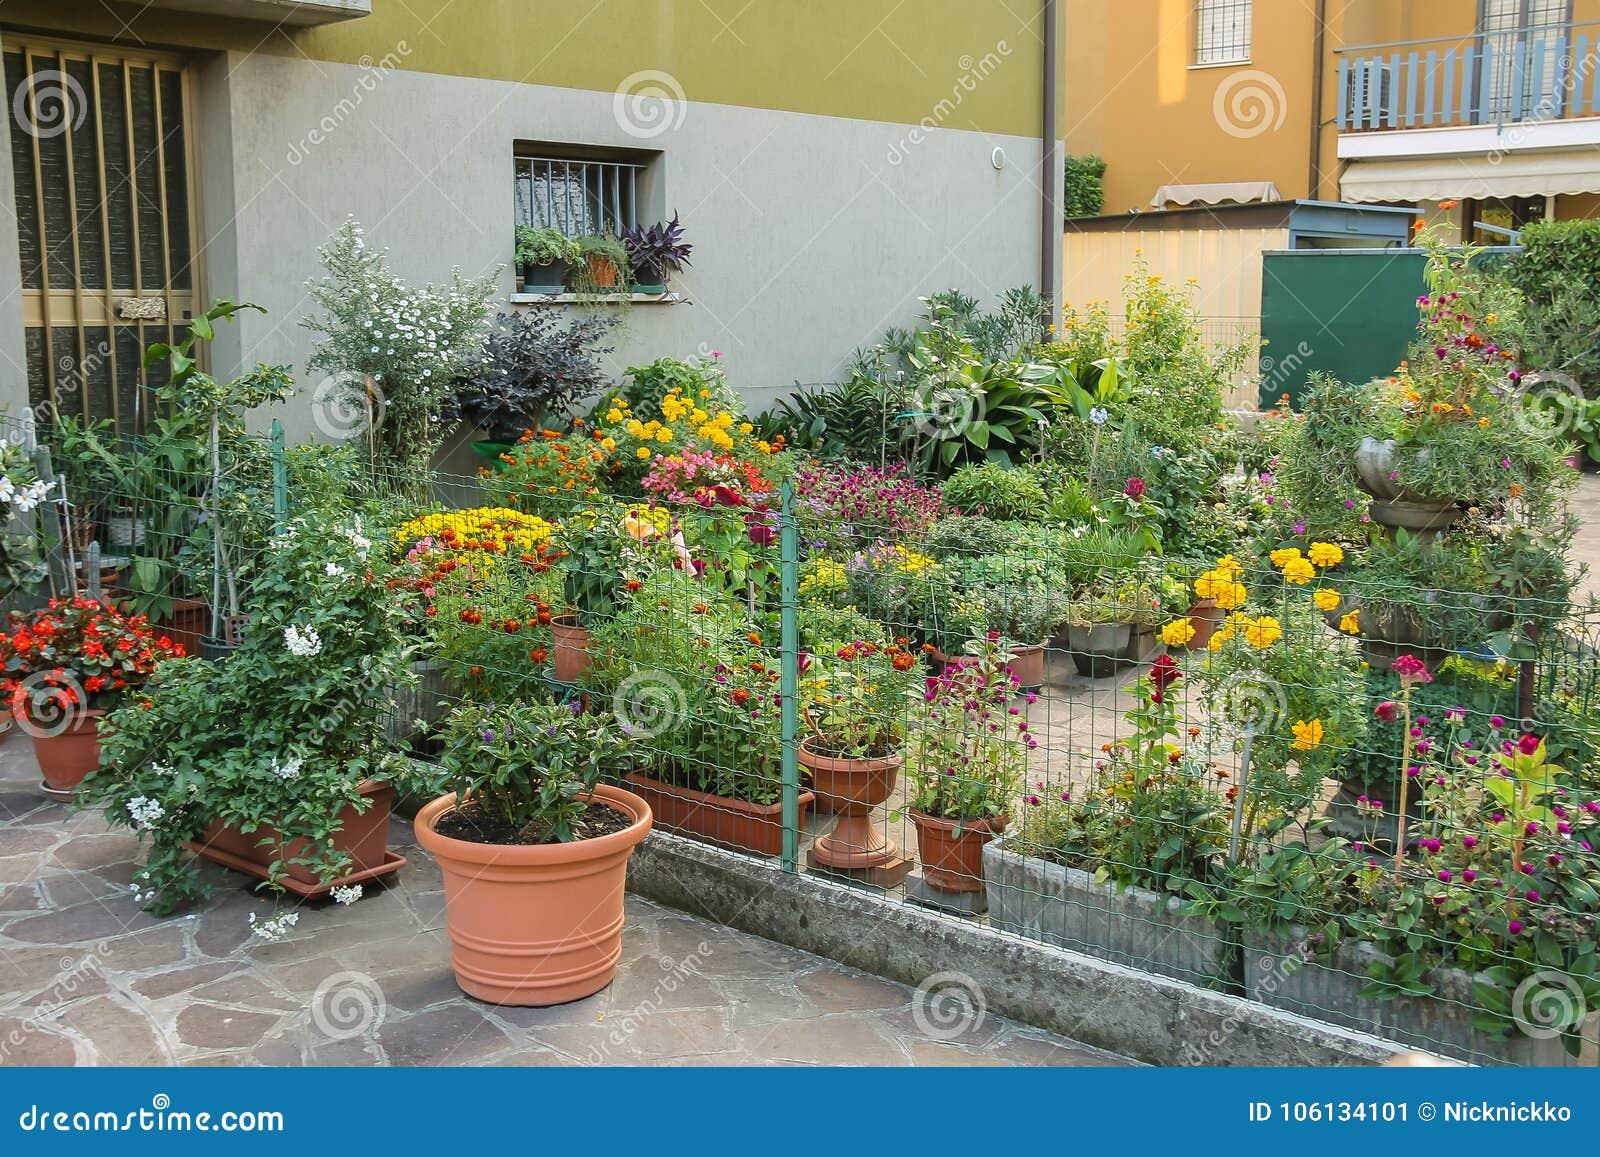 petit jardin d 39 agr ment avec des pots de fleur image stock image du conception jardinage. Black Bedroom Furniture Sets. Home Design Ideas